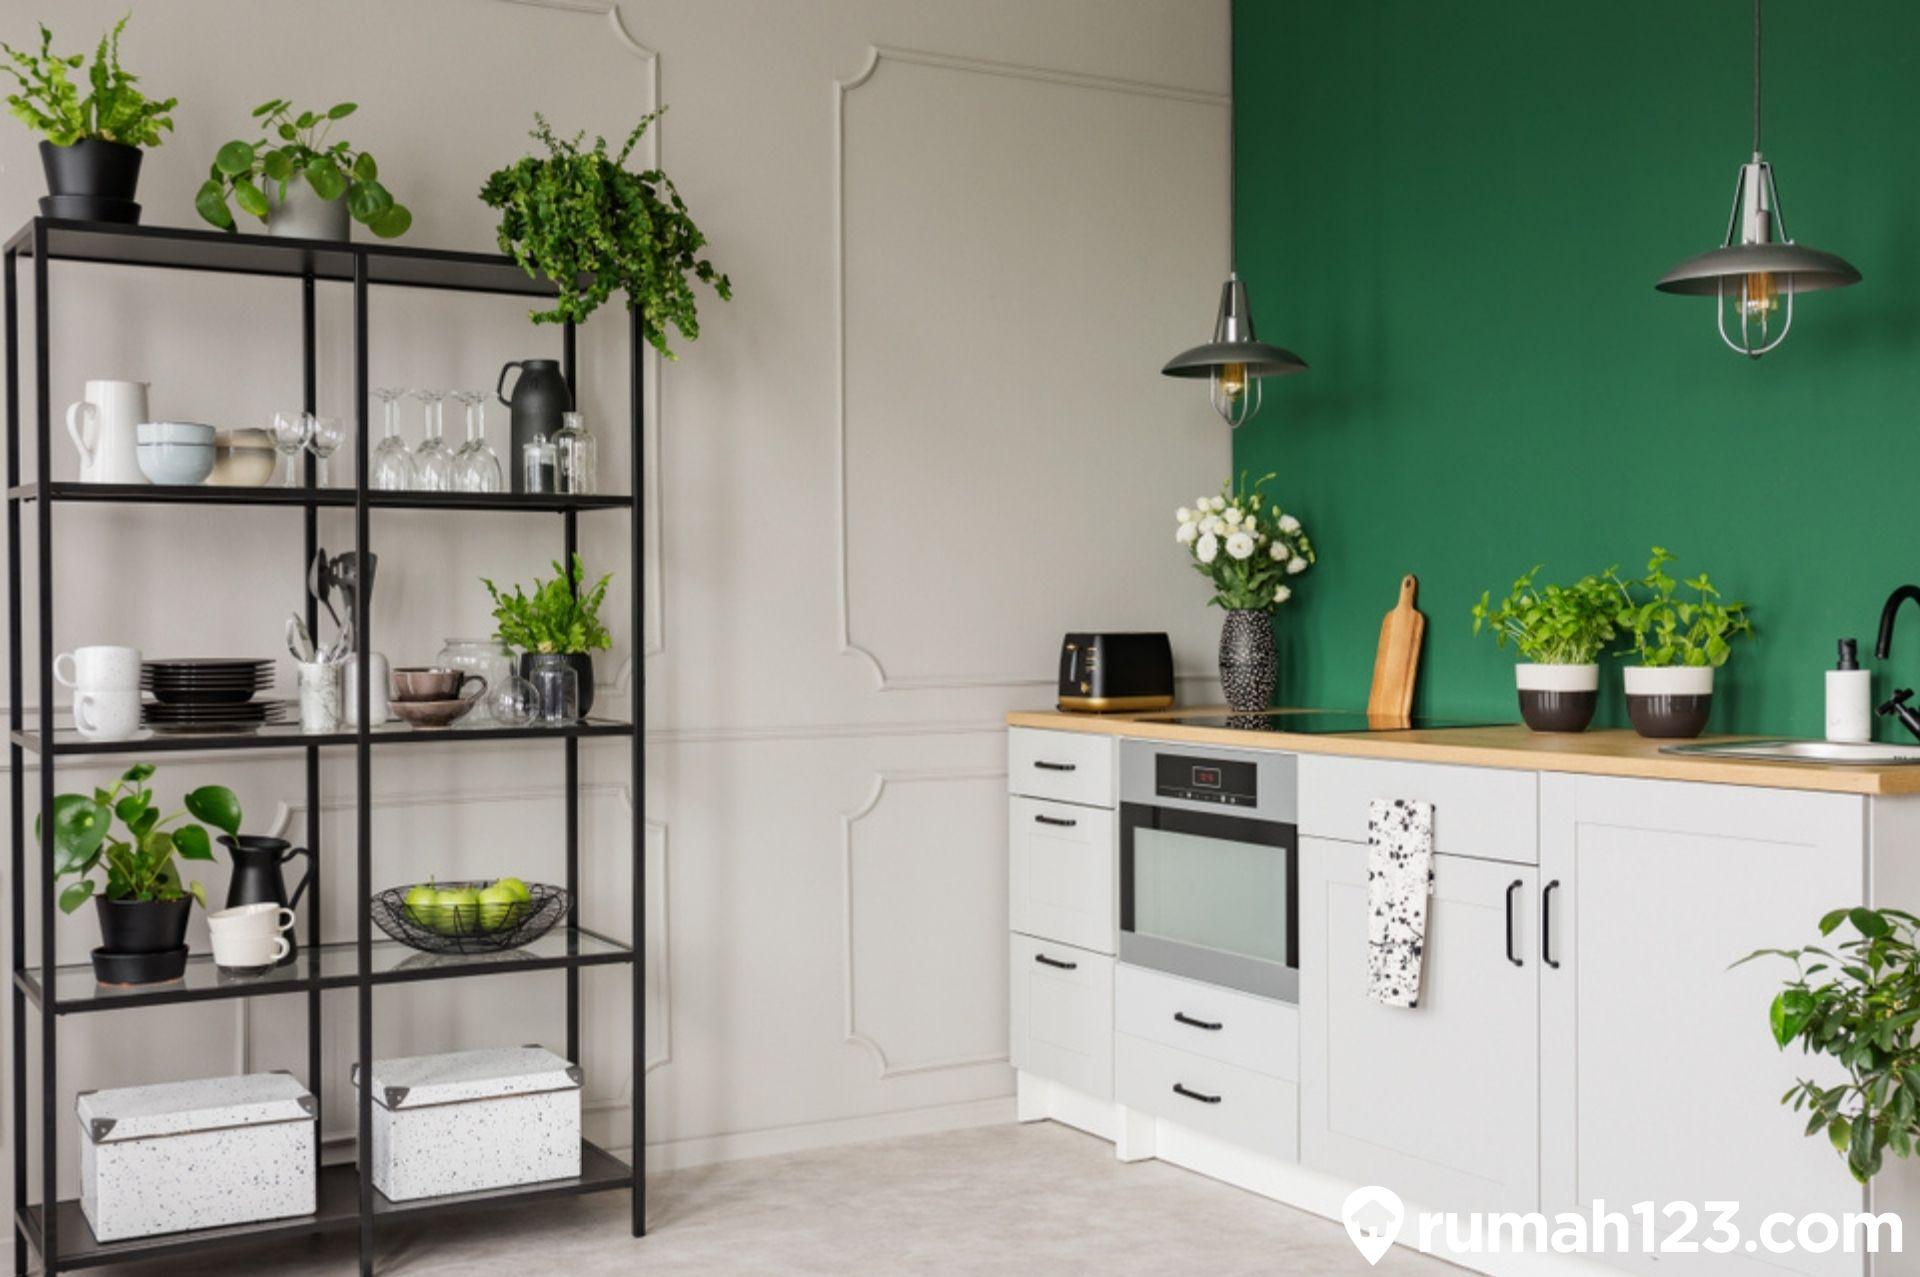 13 Dapur Minimalis Sederhana Terbaik dengan Sentuhan Hijau Nan Estetis